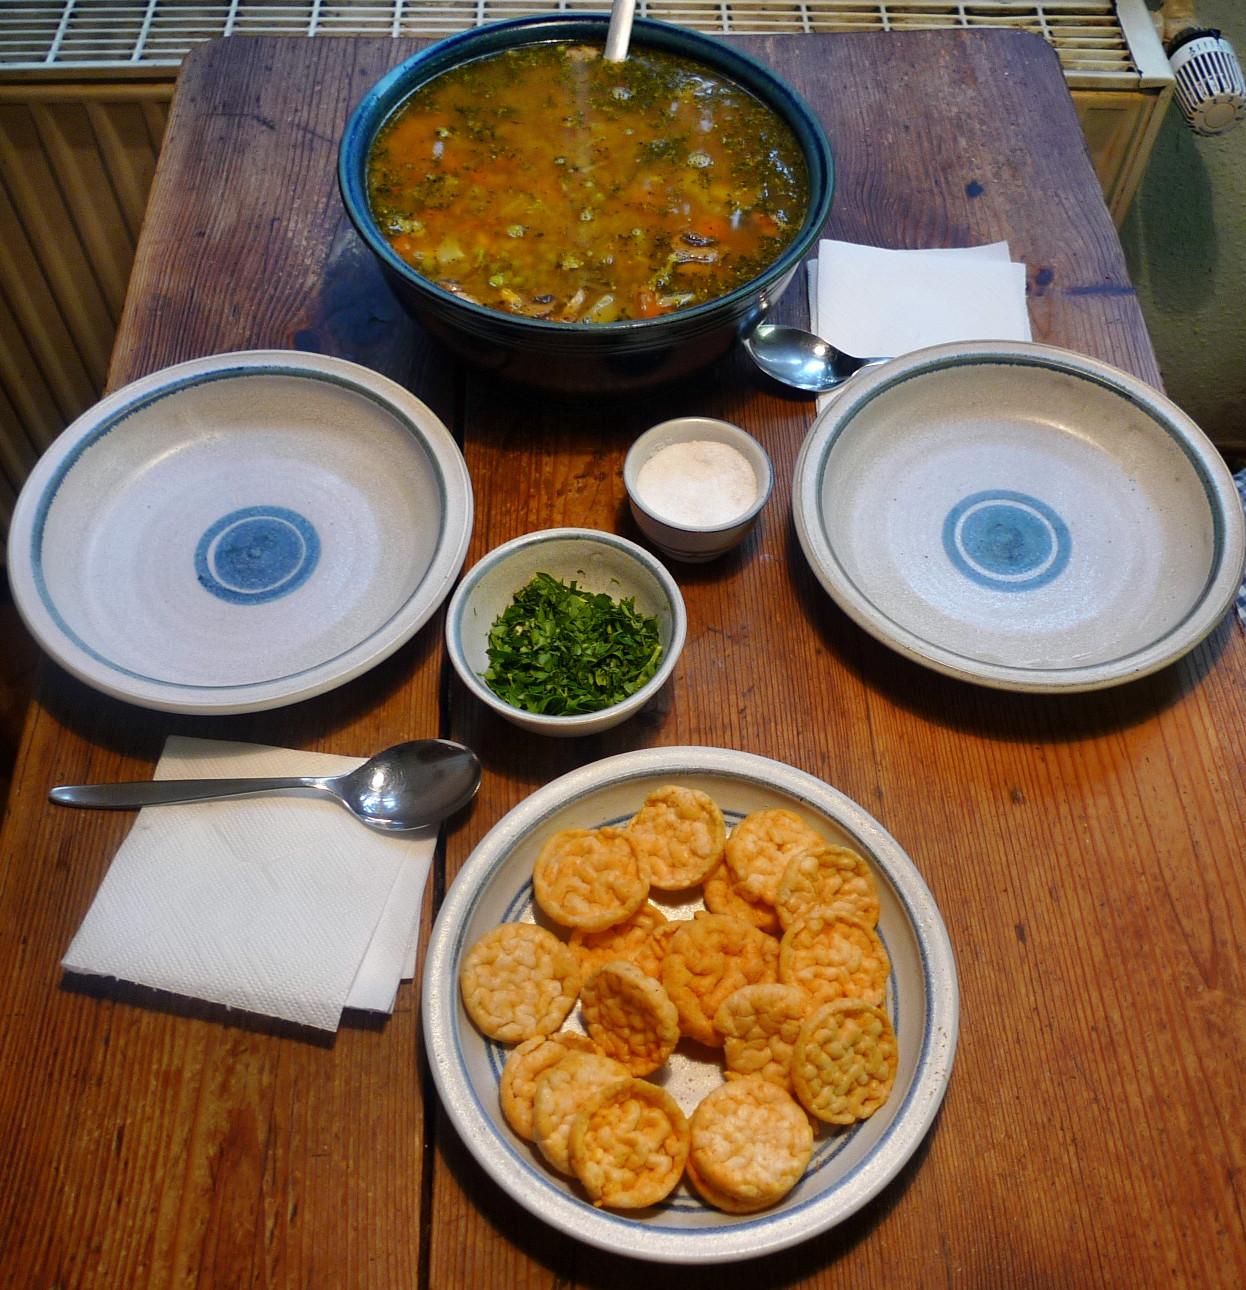 Gemüsesuppe mit Cräcker-6.3.15   (13)